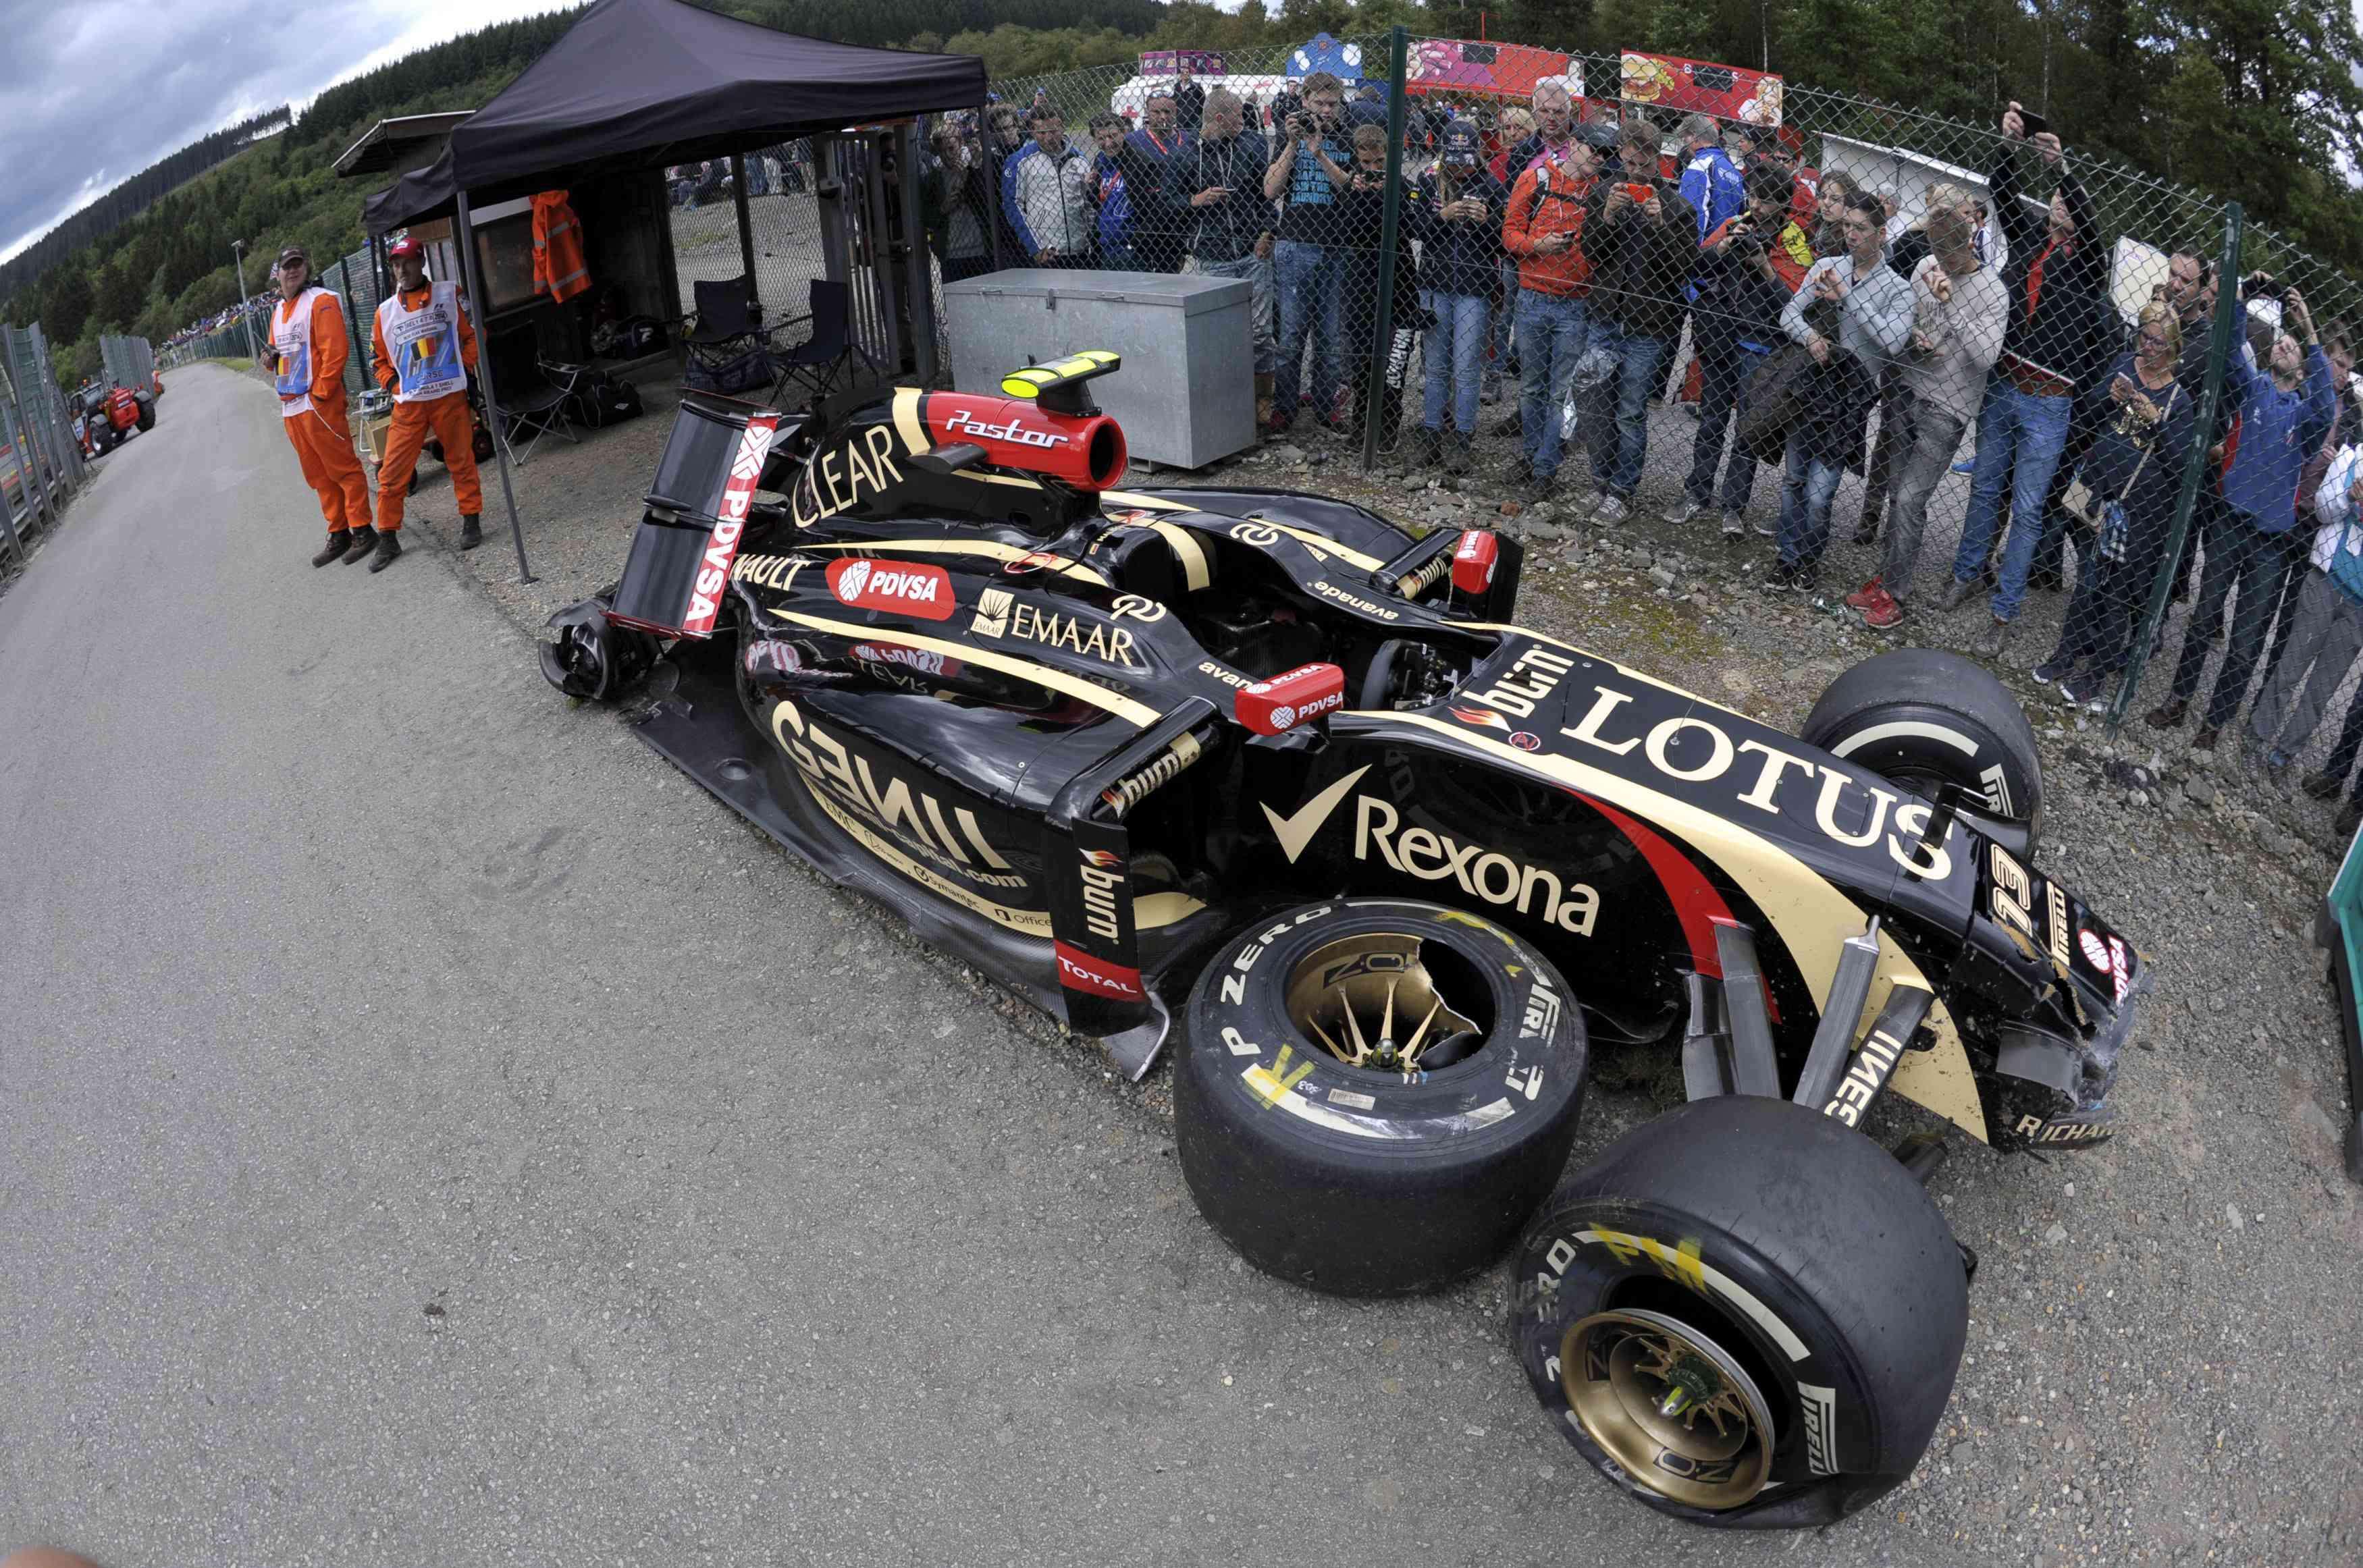 F1: levado a hospital após acidente, Maldonado passa bem